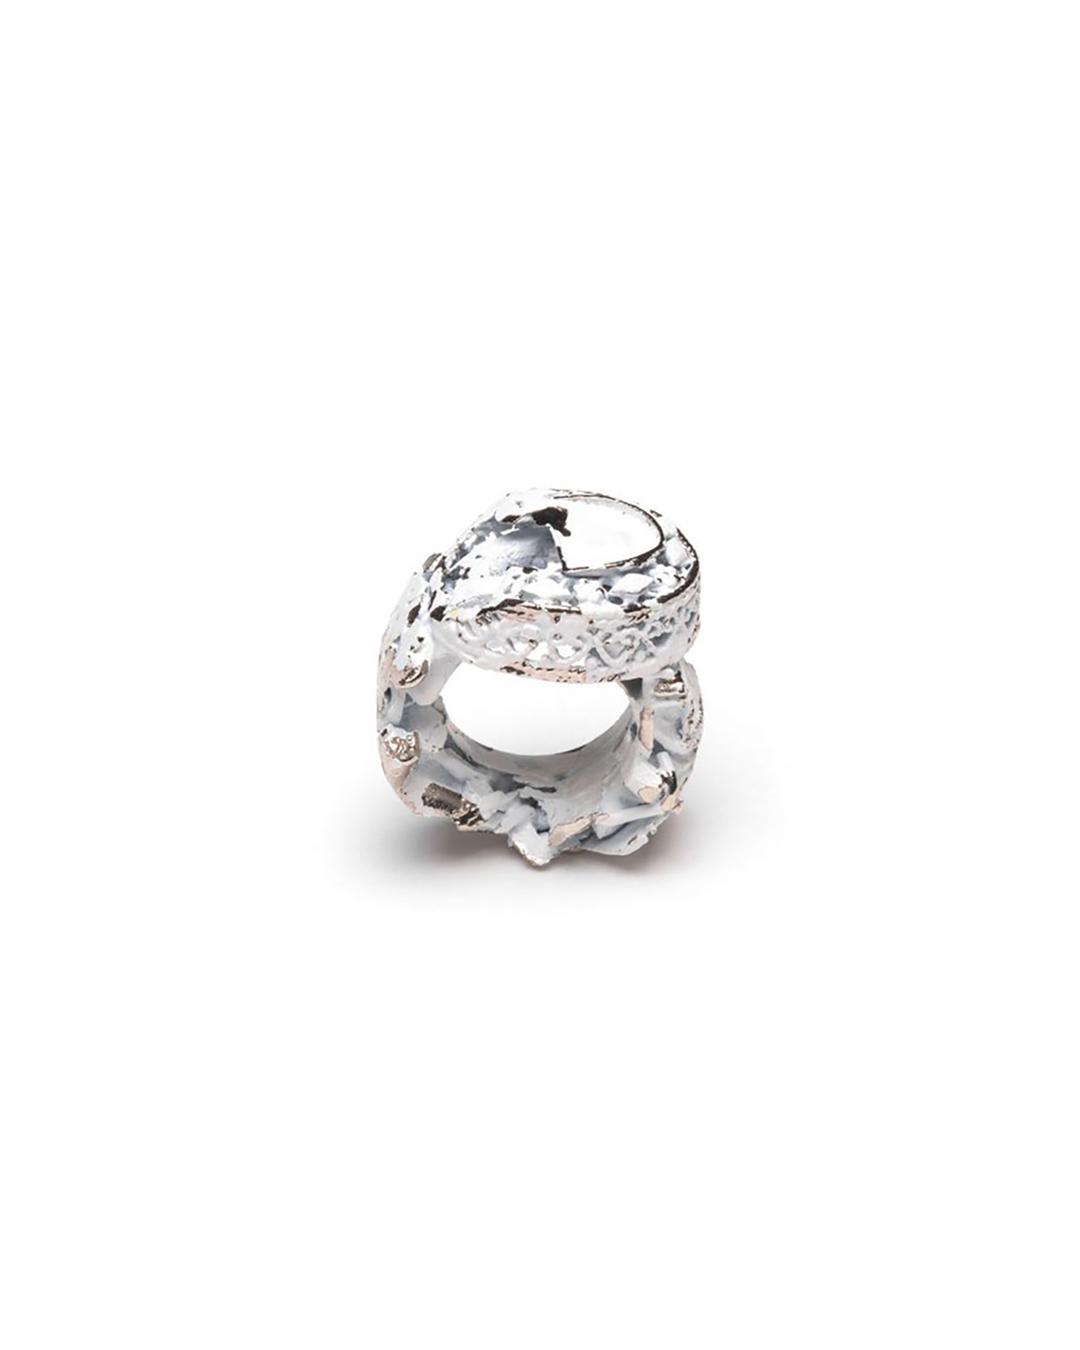 Doron Taubenfeld, zonder titel, 2009, ring; metaal, verf, 32 x 25 x 18 mm, €350